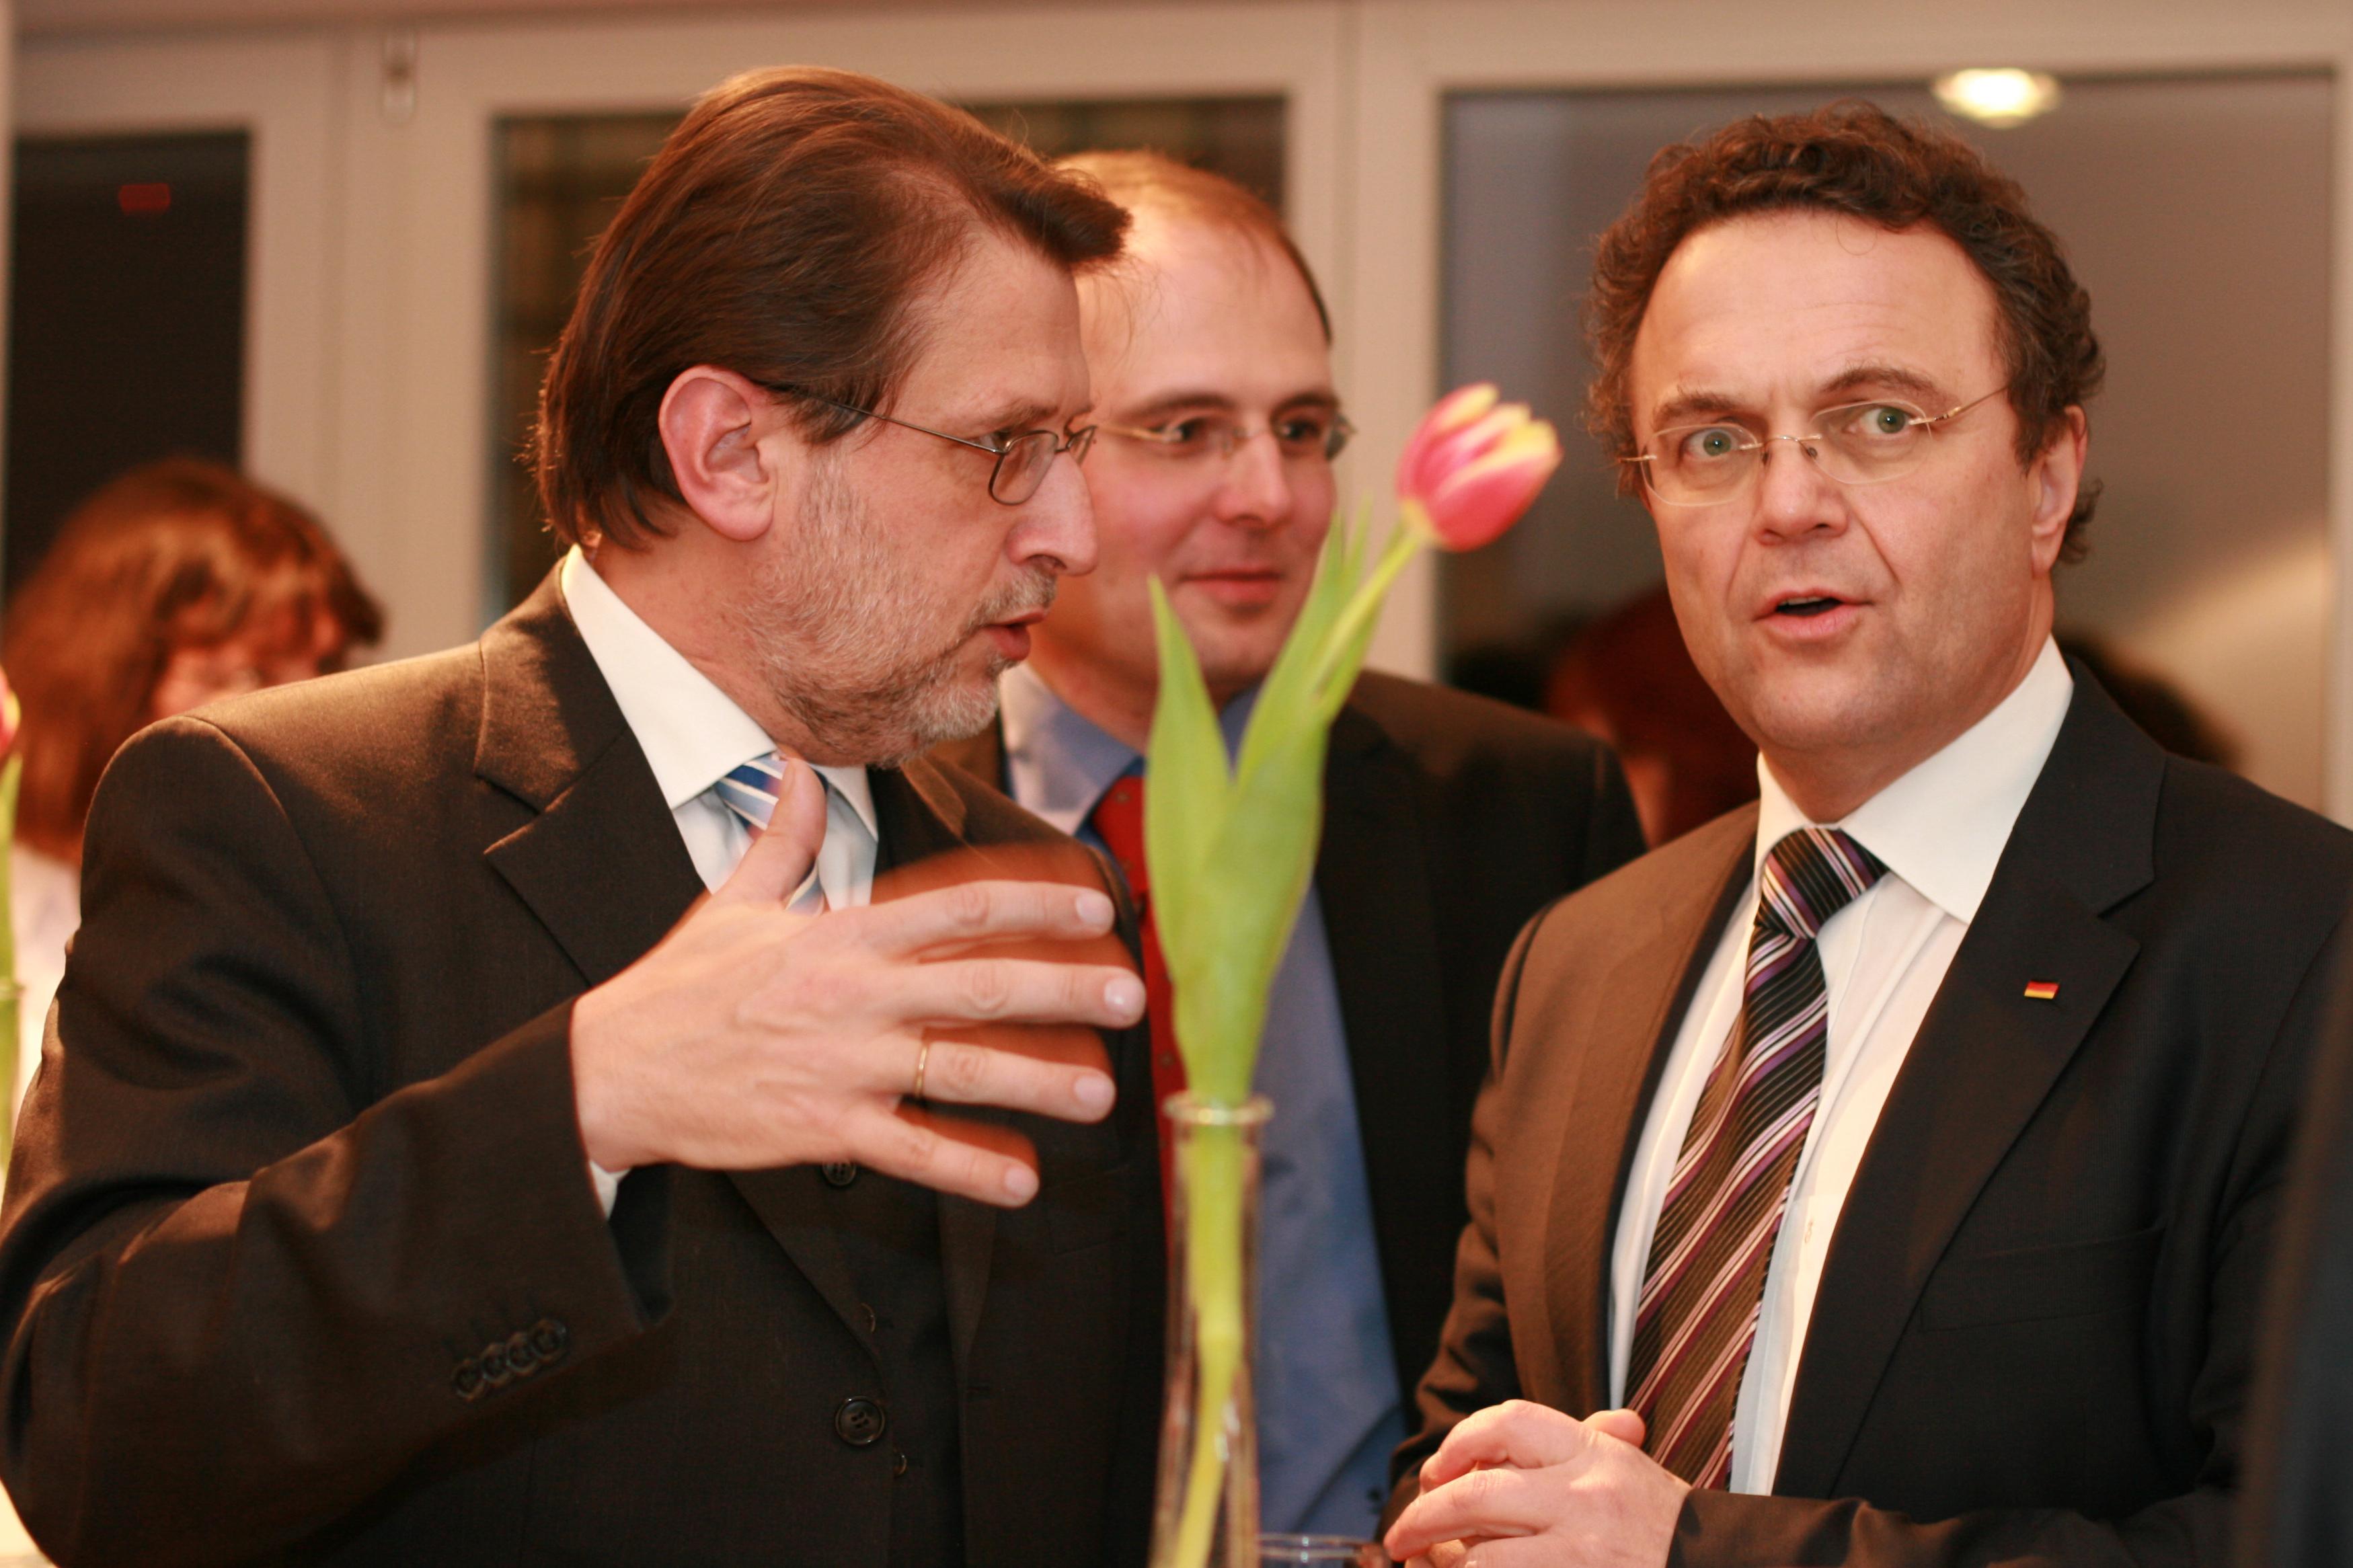 Harald Eckert, 1. Vorsitzender der Initiative 27. Januar, im Gespräch mit Dr. Hans-Peter Friedrich, 1. stellvertretender Vorsitzender der CDU/CSU-Bundestagsfraktion, bei der Gedenkveranstaltung am 27.01.2011 in der Kanzlei in der Glinkastraße in Berlin, Foto: Ruth Steinhof